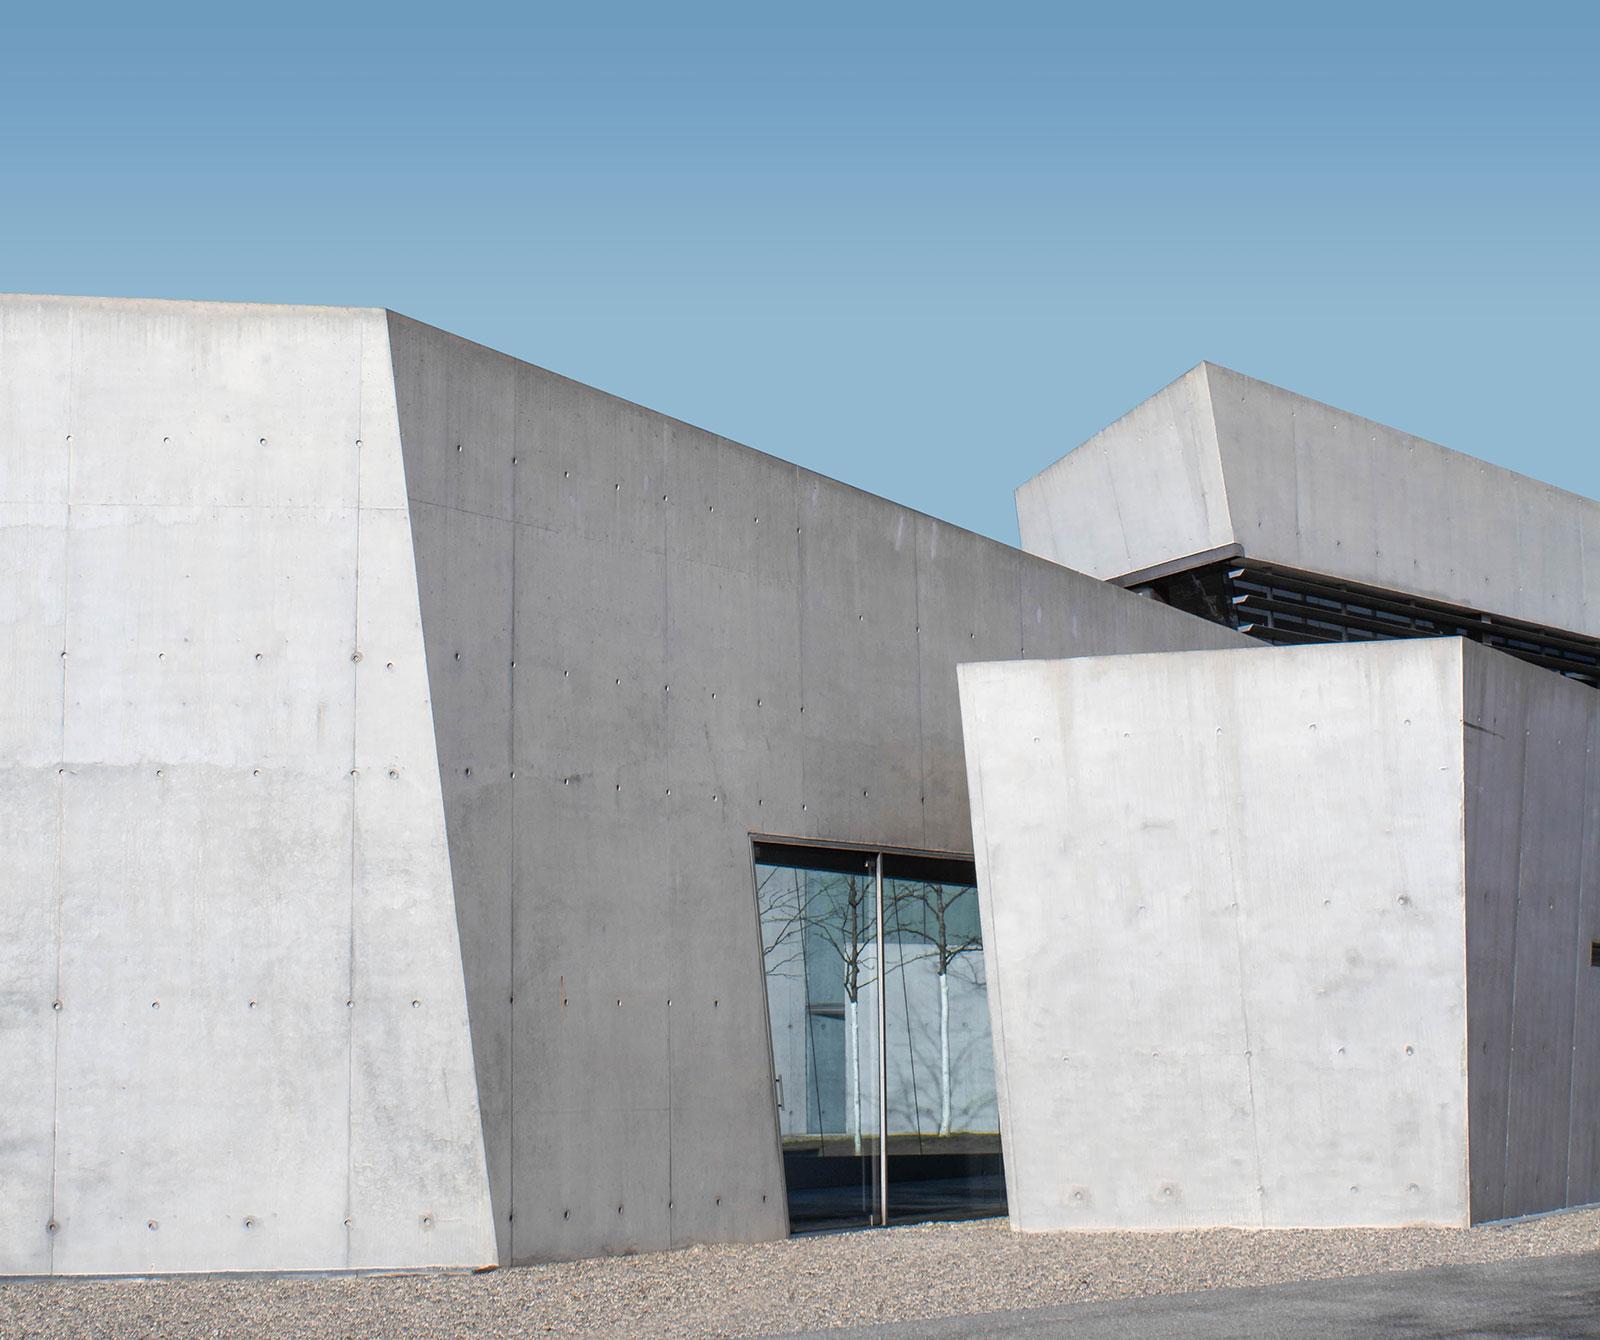 Concrete & Architecture